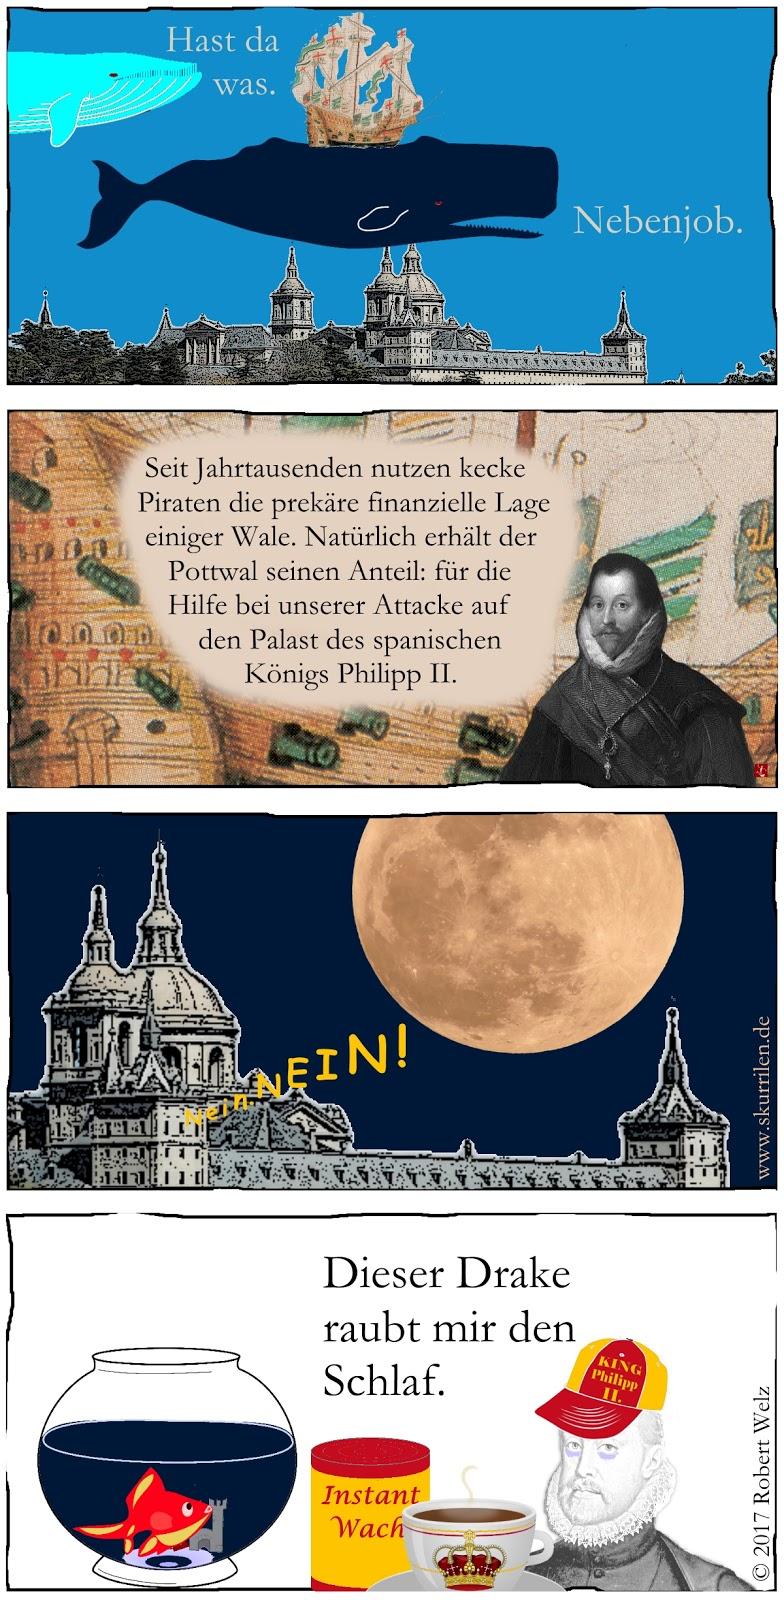 Fantasy-Comic mit dadaistisch-surrealen Traum-Elementen: der Pottwal hilft Pirat Francis Drake. Philipp II. von Spanien ist übernächtigt